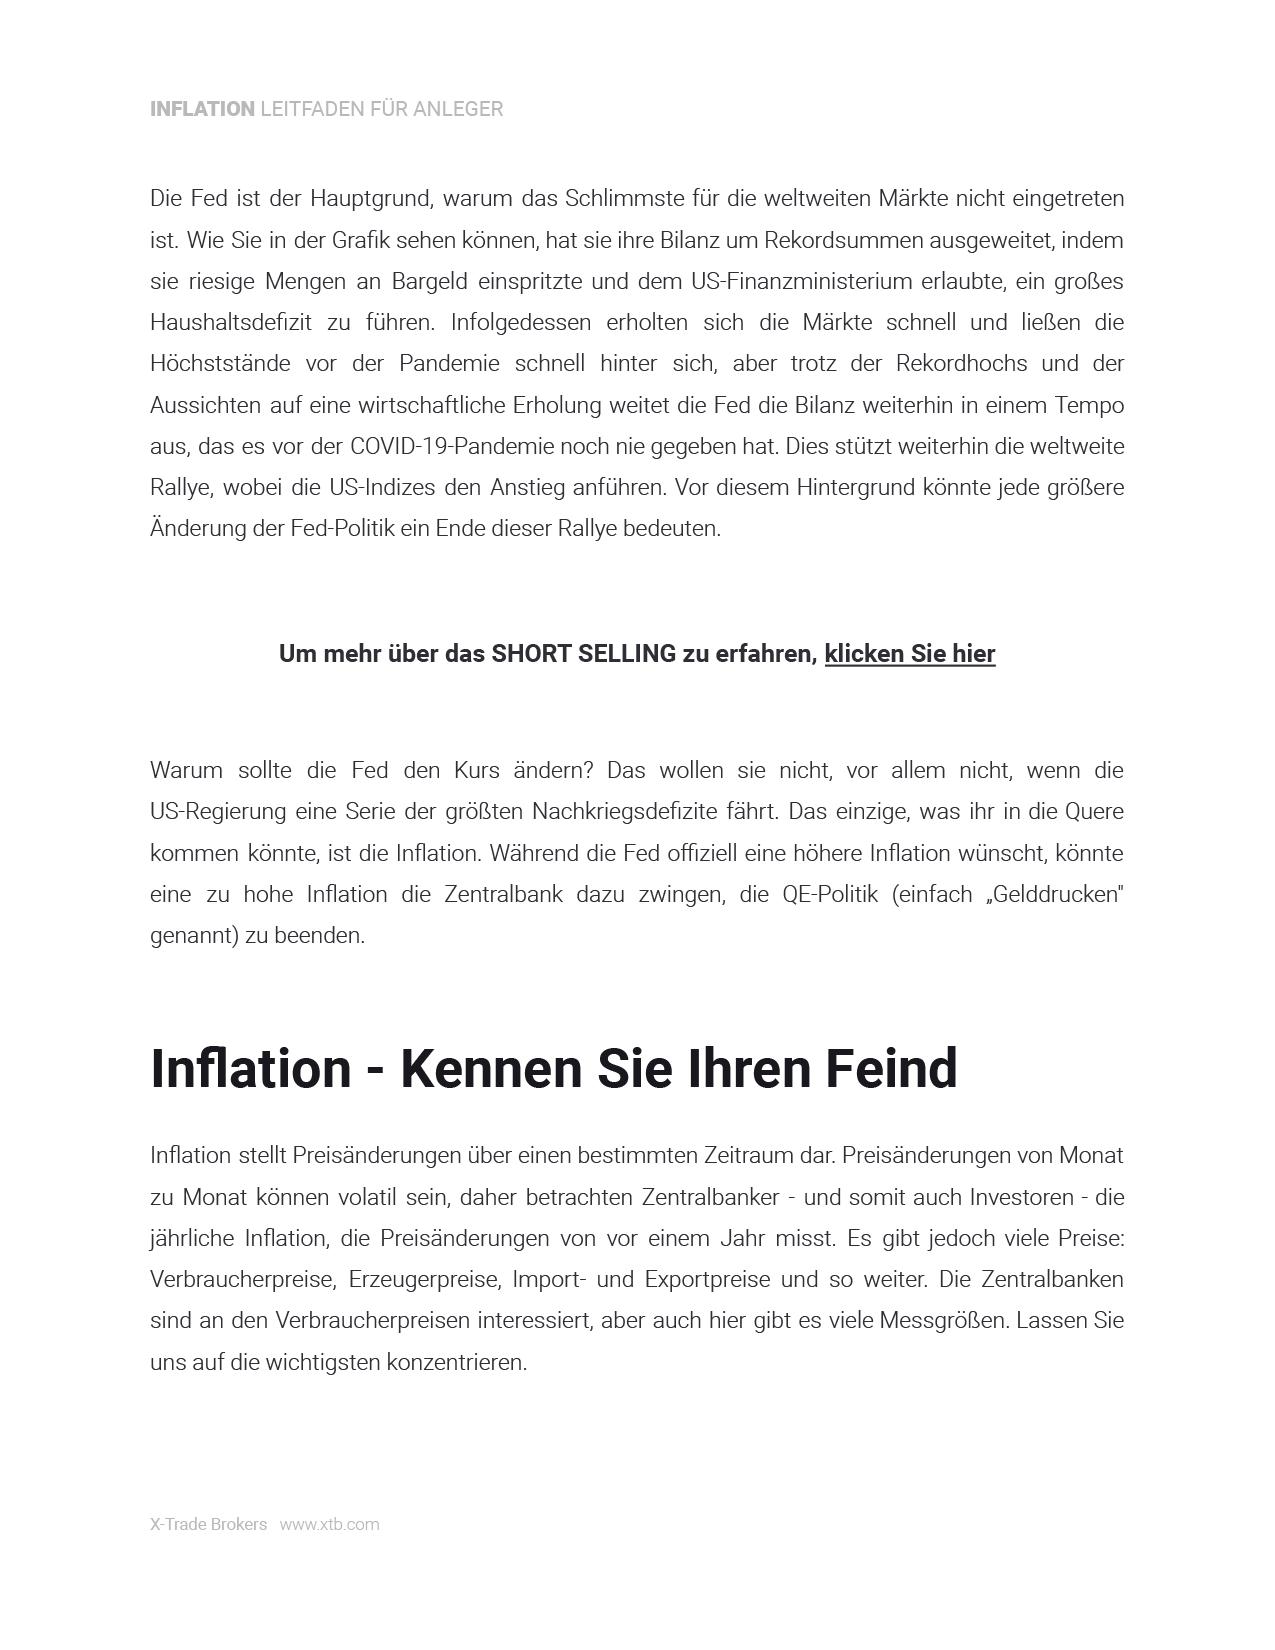 Inflation - Report DE-5